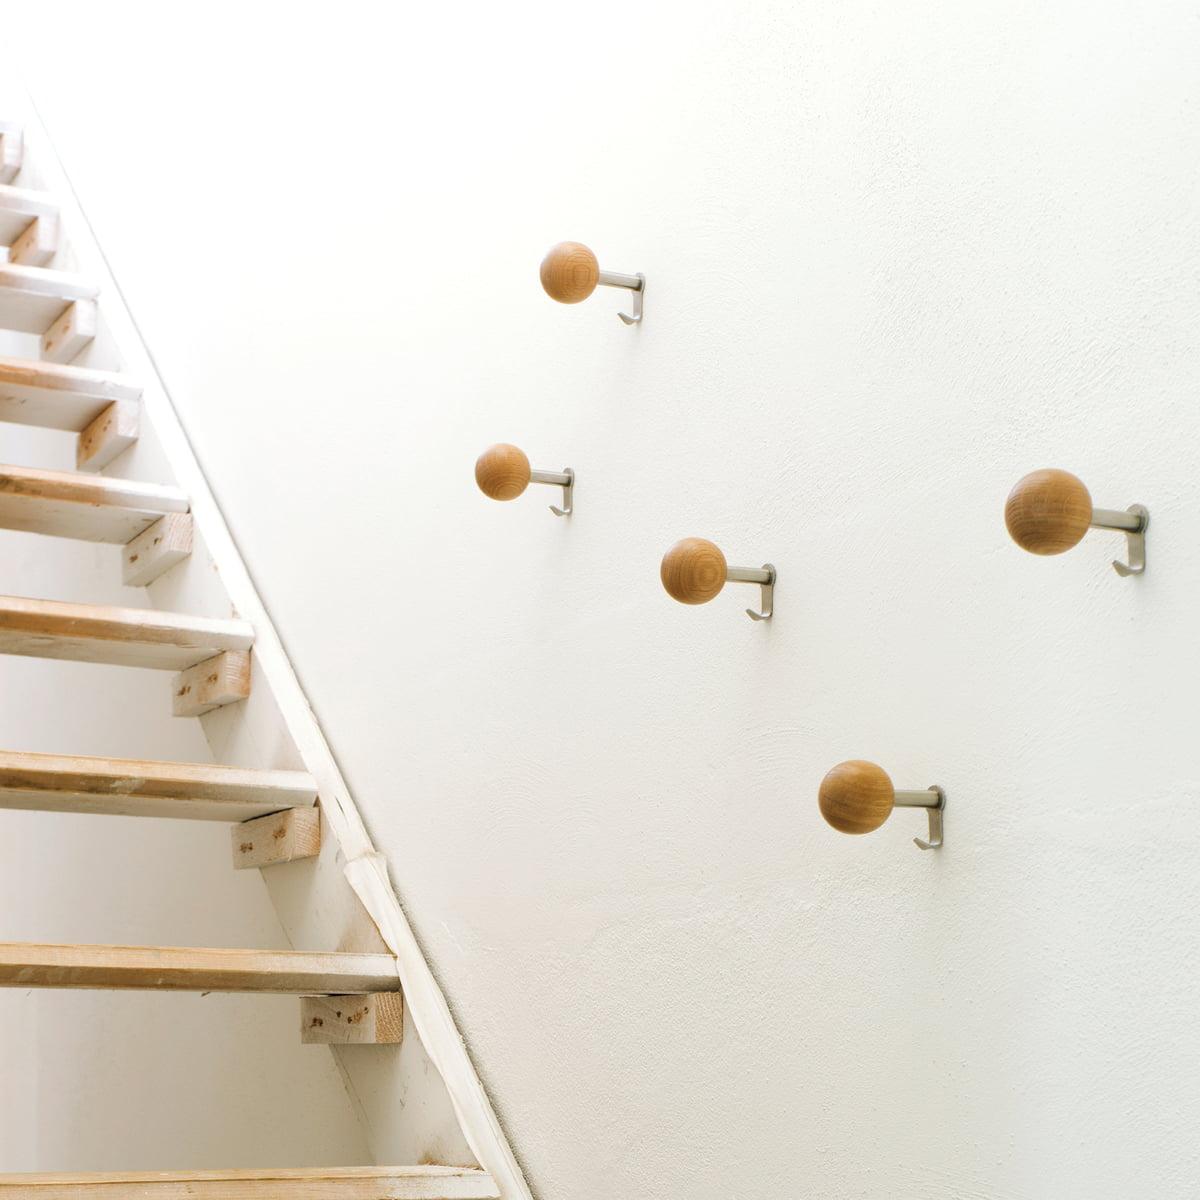 dots wandhaken von sch nbuch connox. Black Bedroom Furniture Sets. Home Design Ideas